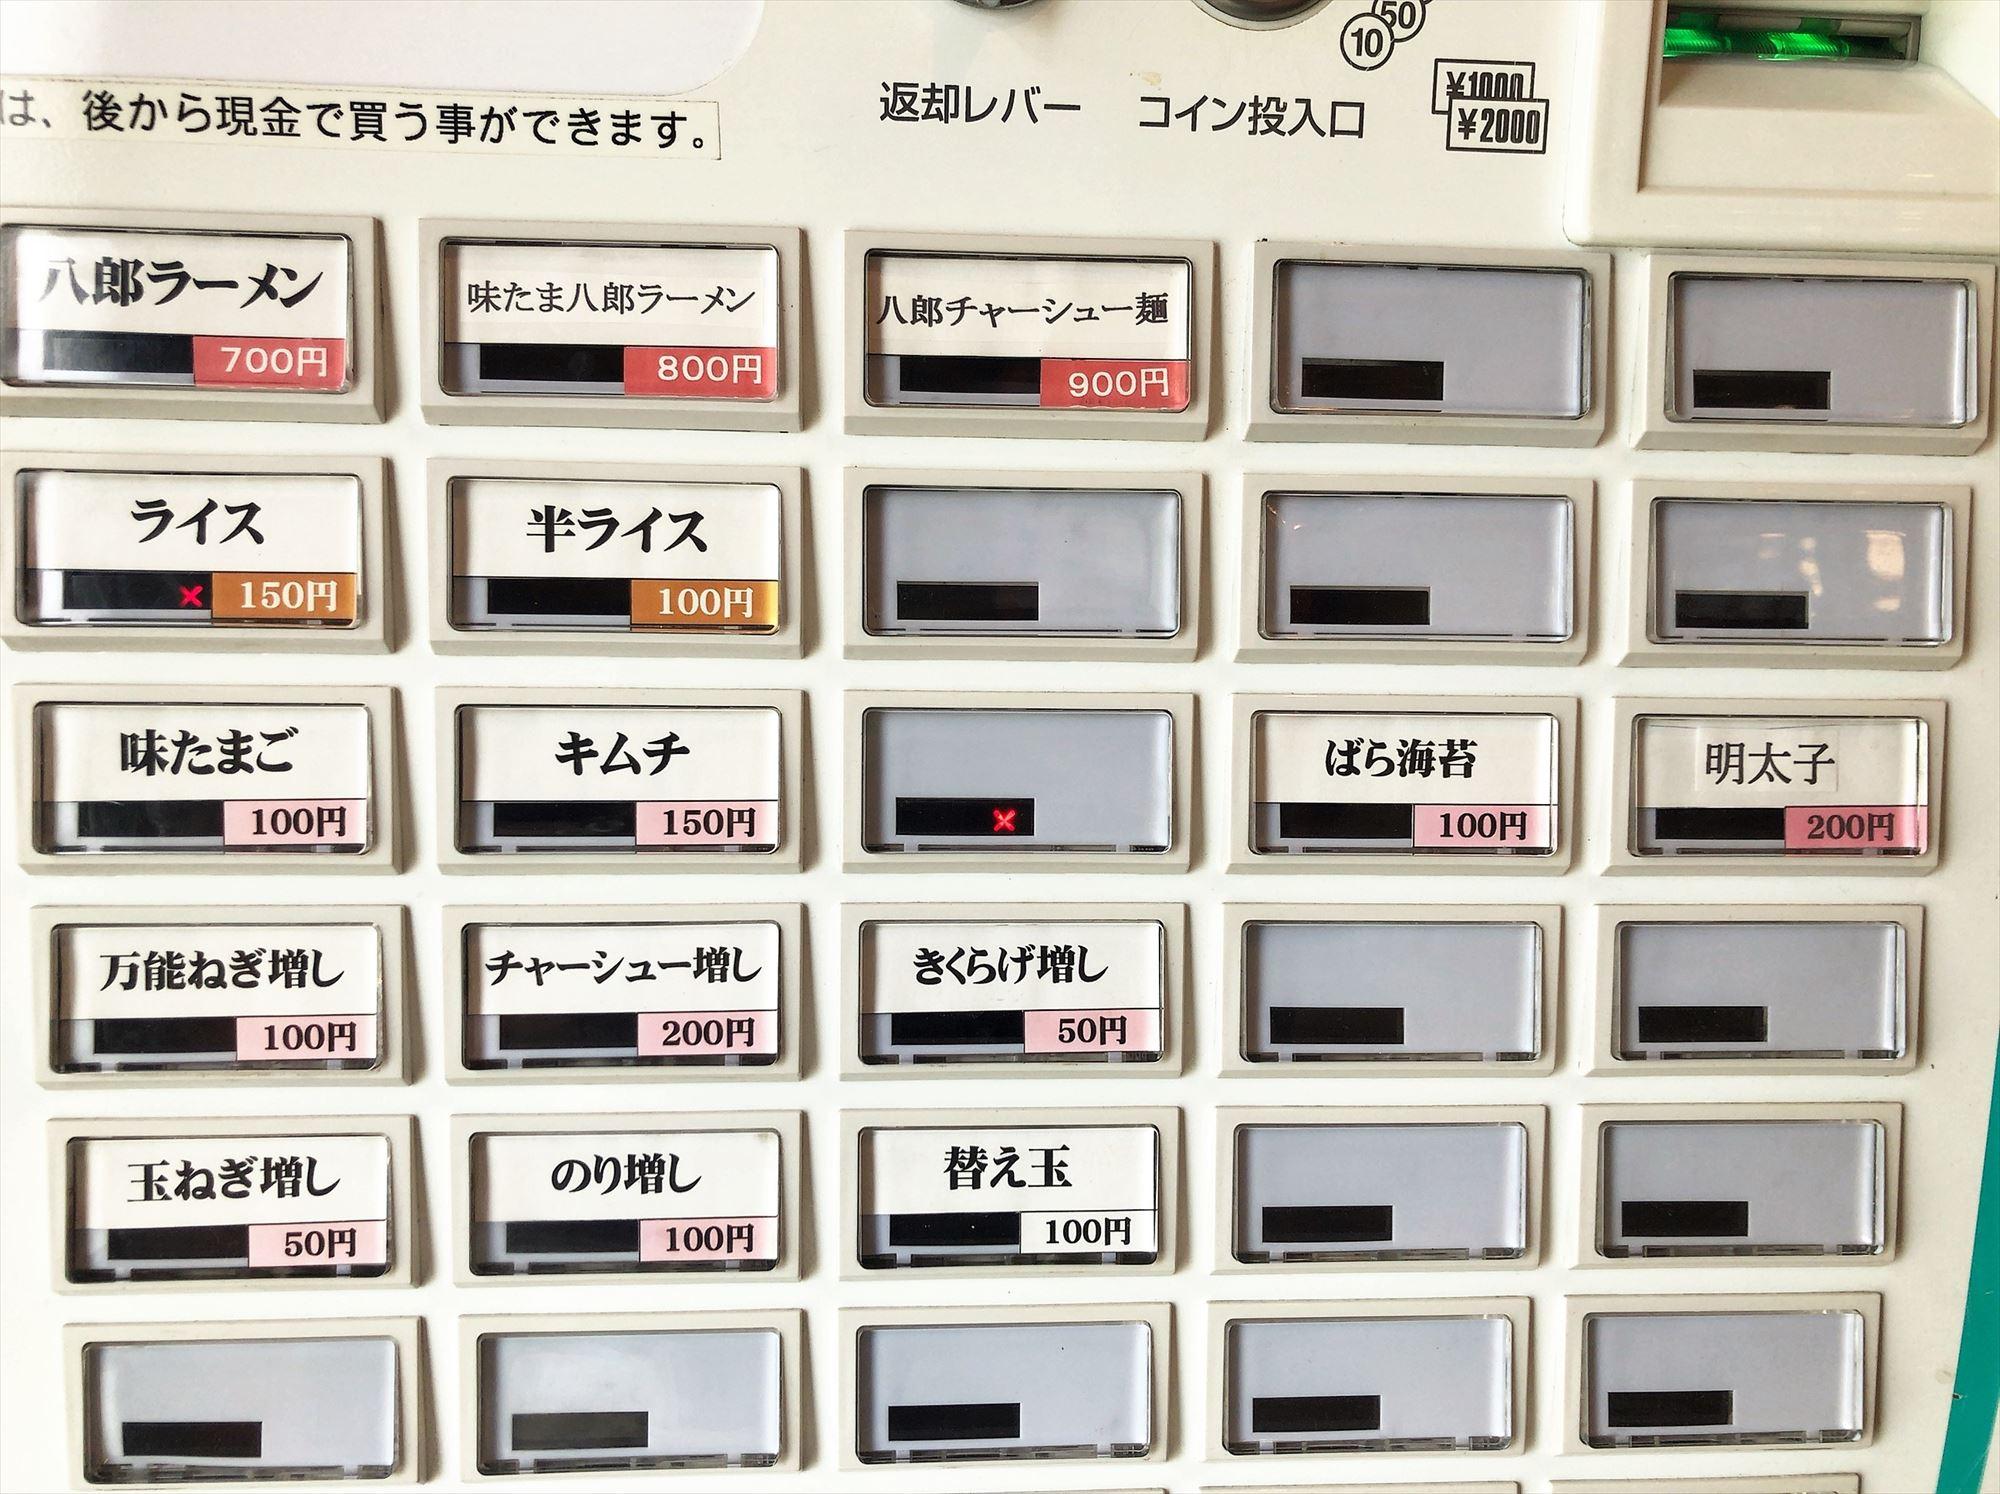 ラーメン専門店八郎兵衛の券売機